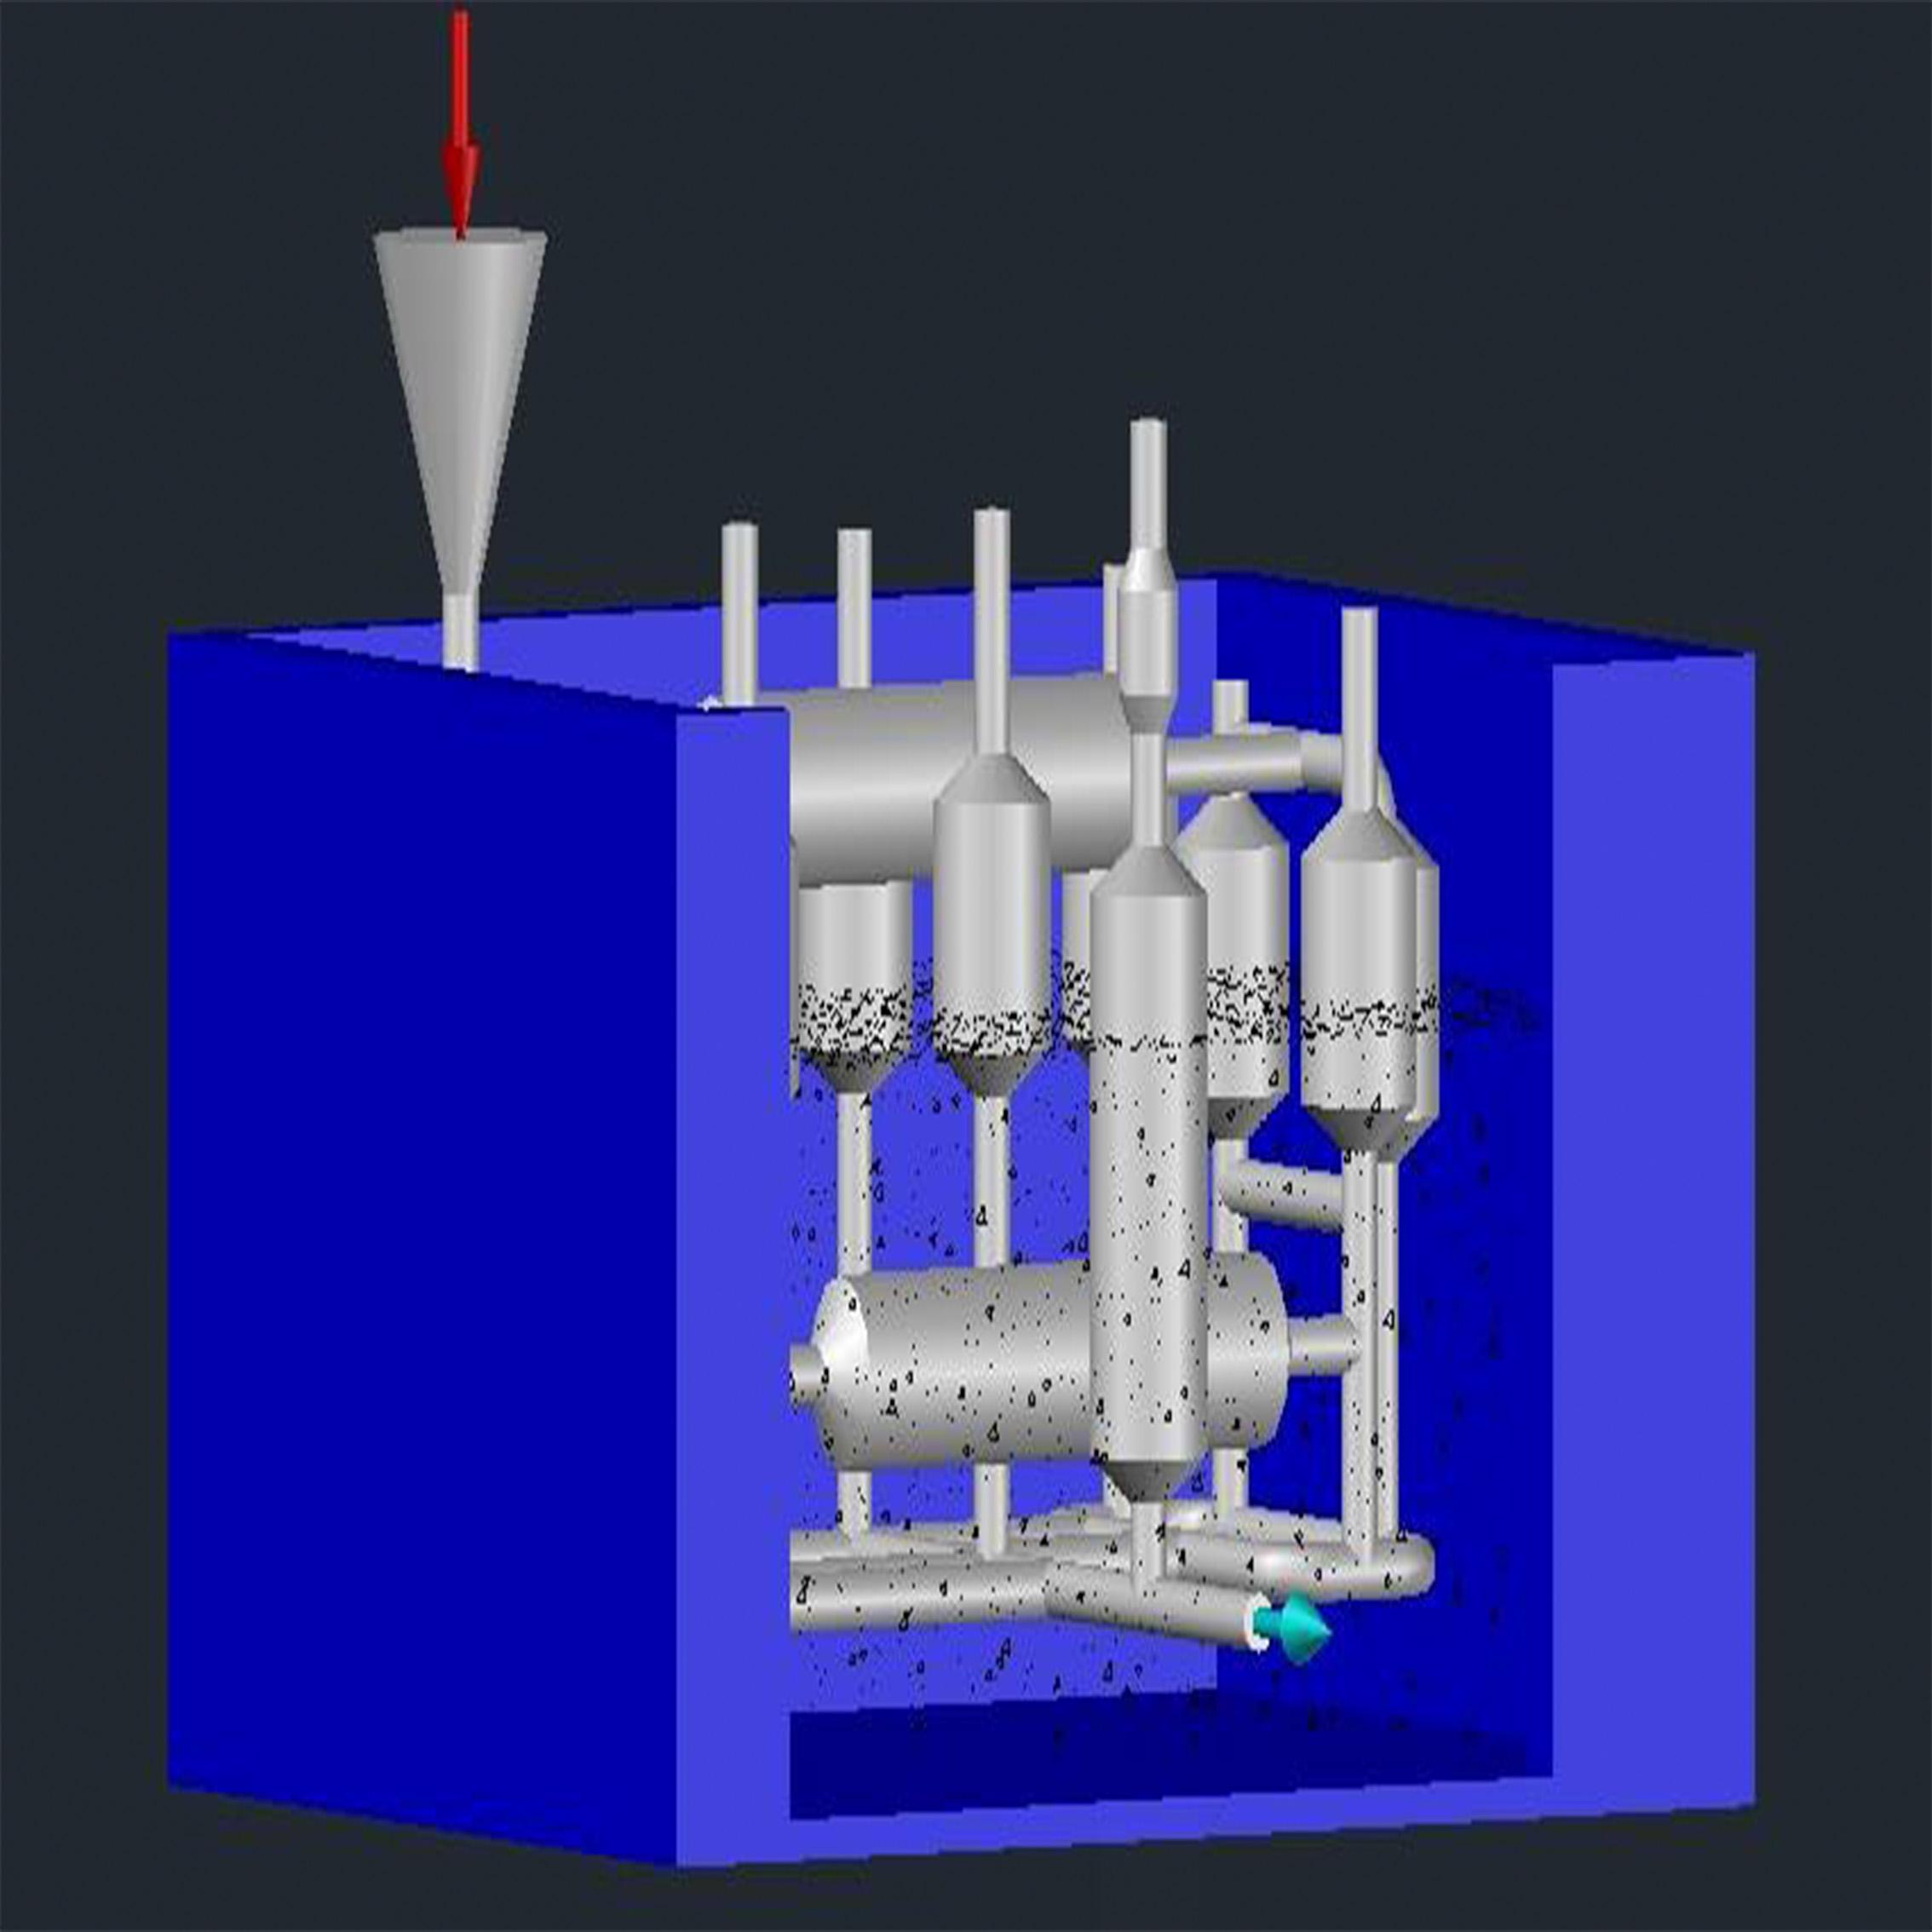 Xử lý nước thải mạ kẽm bằng công nghệ MET